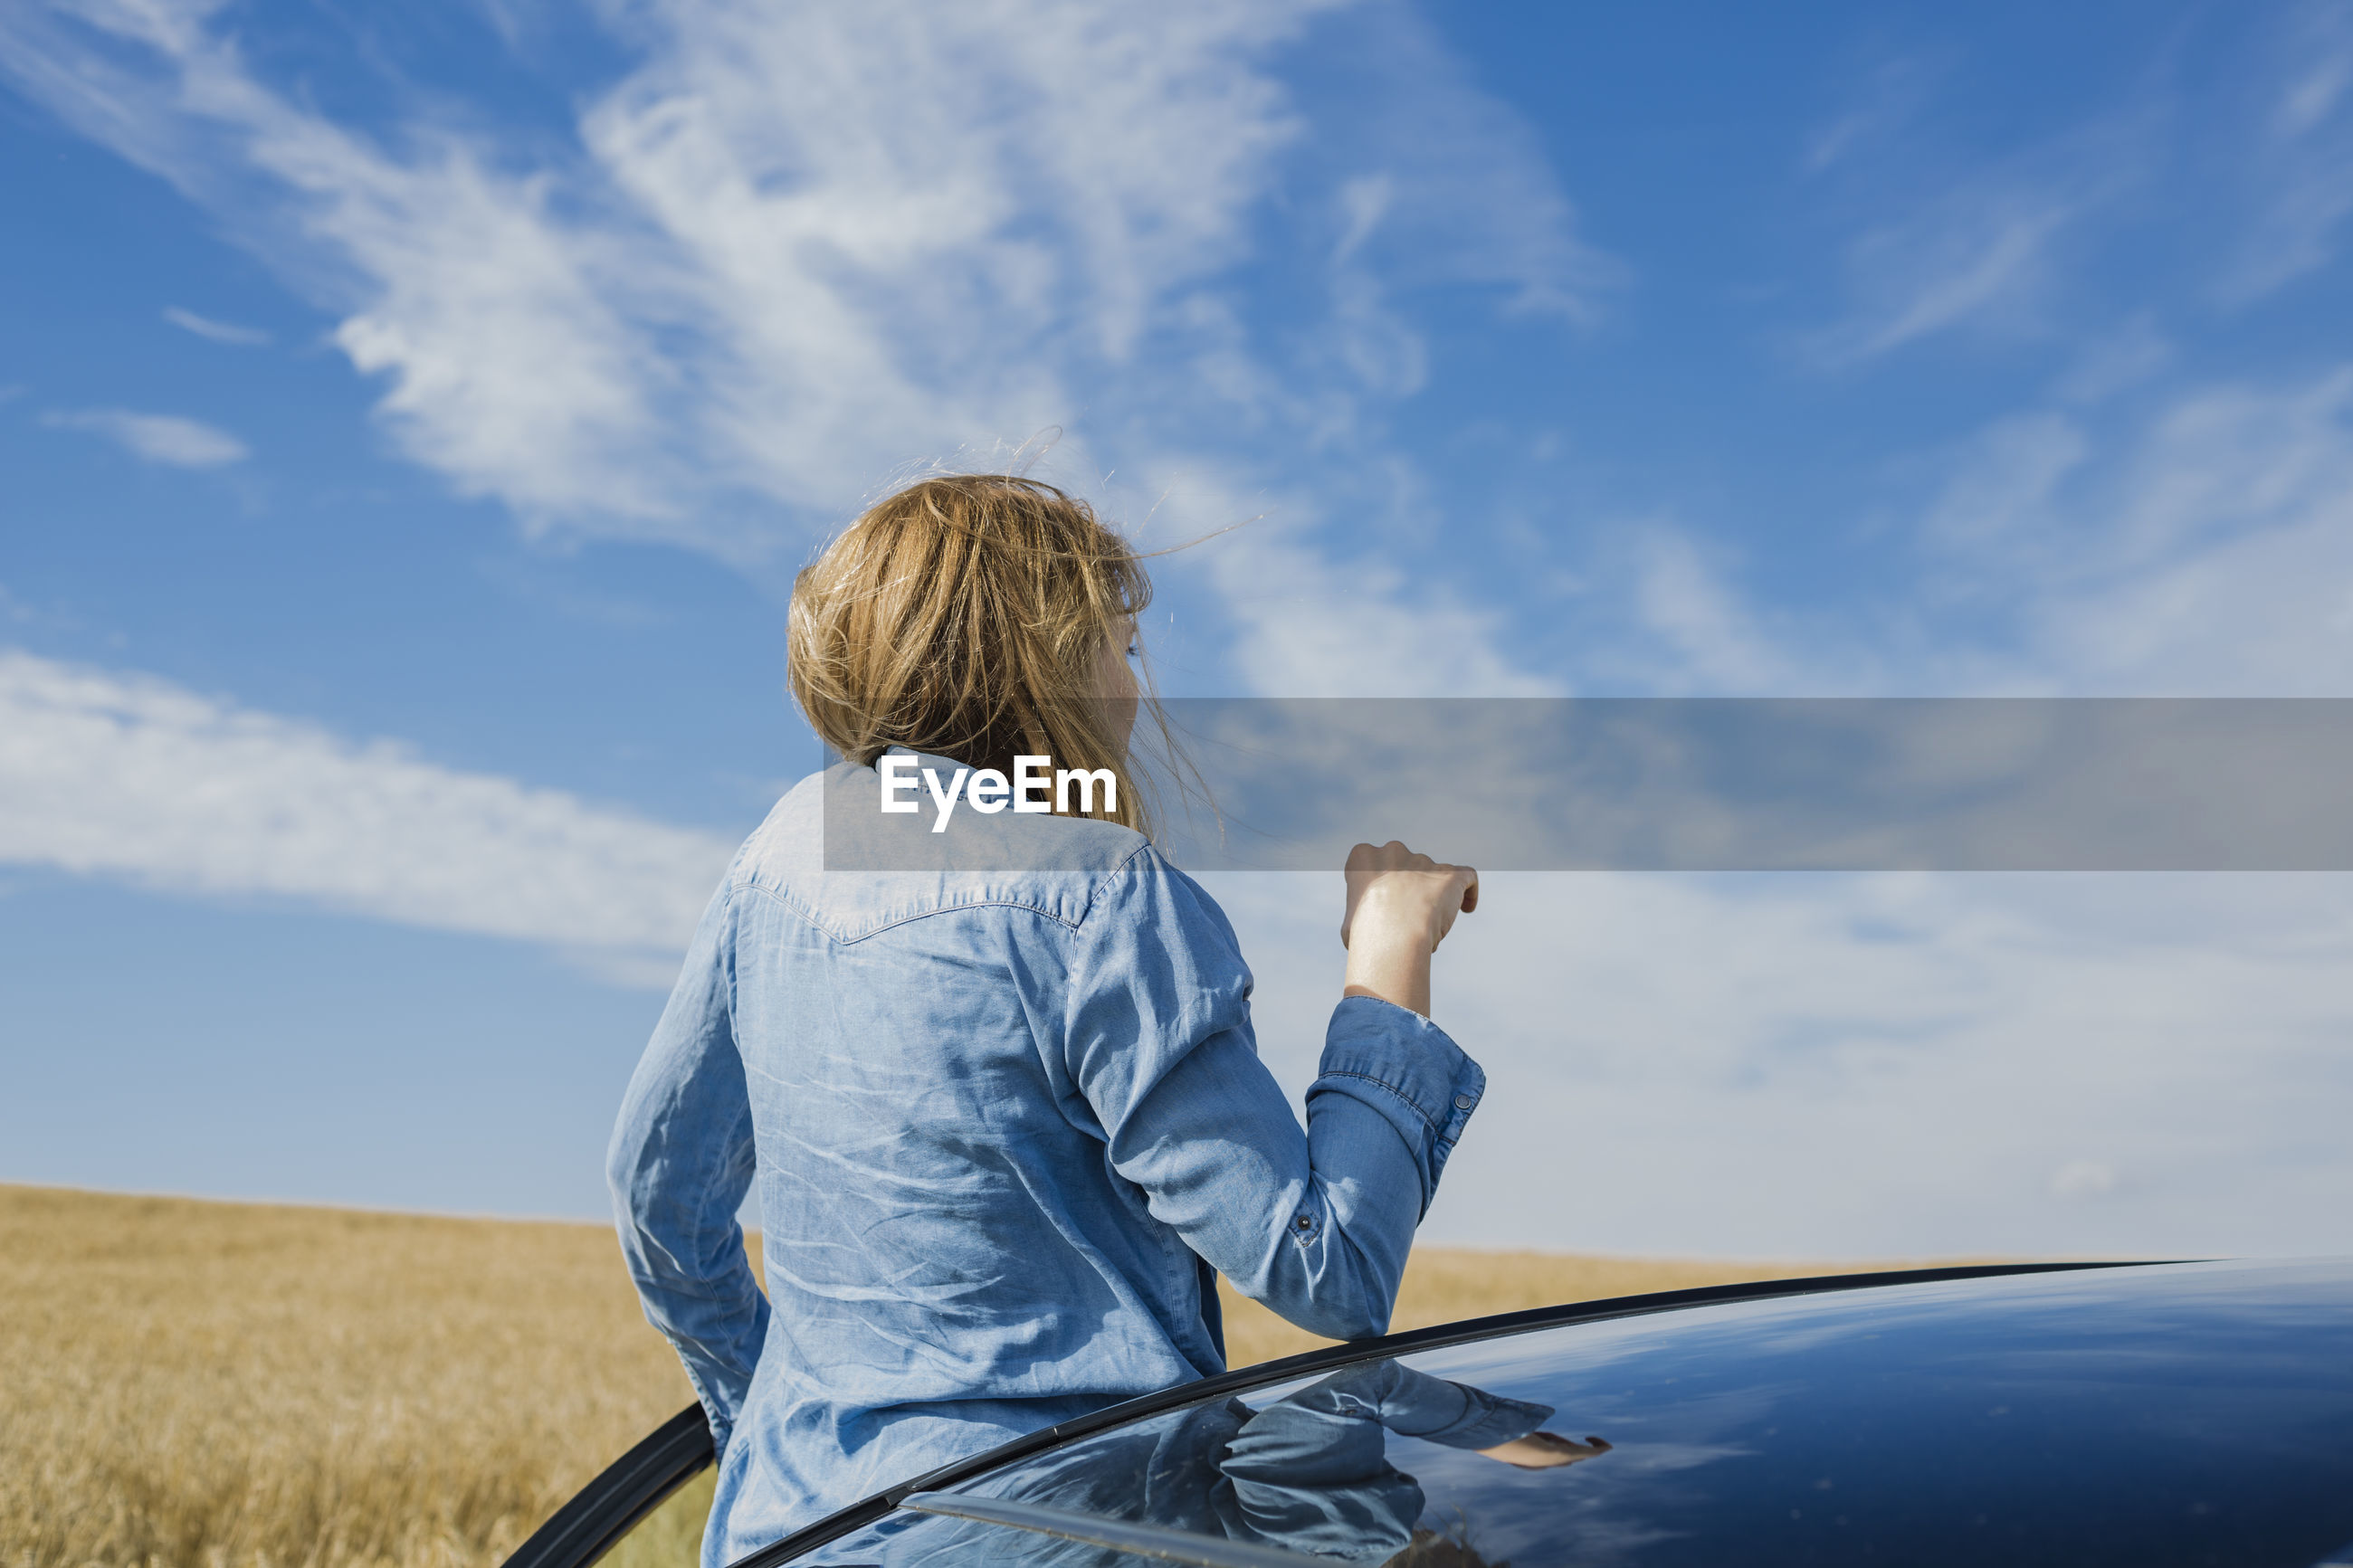 Woman peeking from car against sky